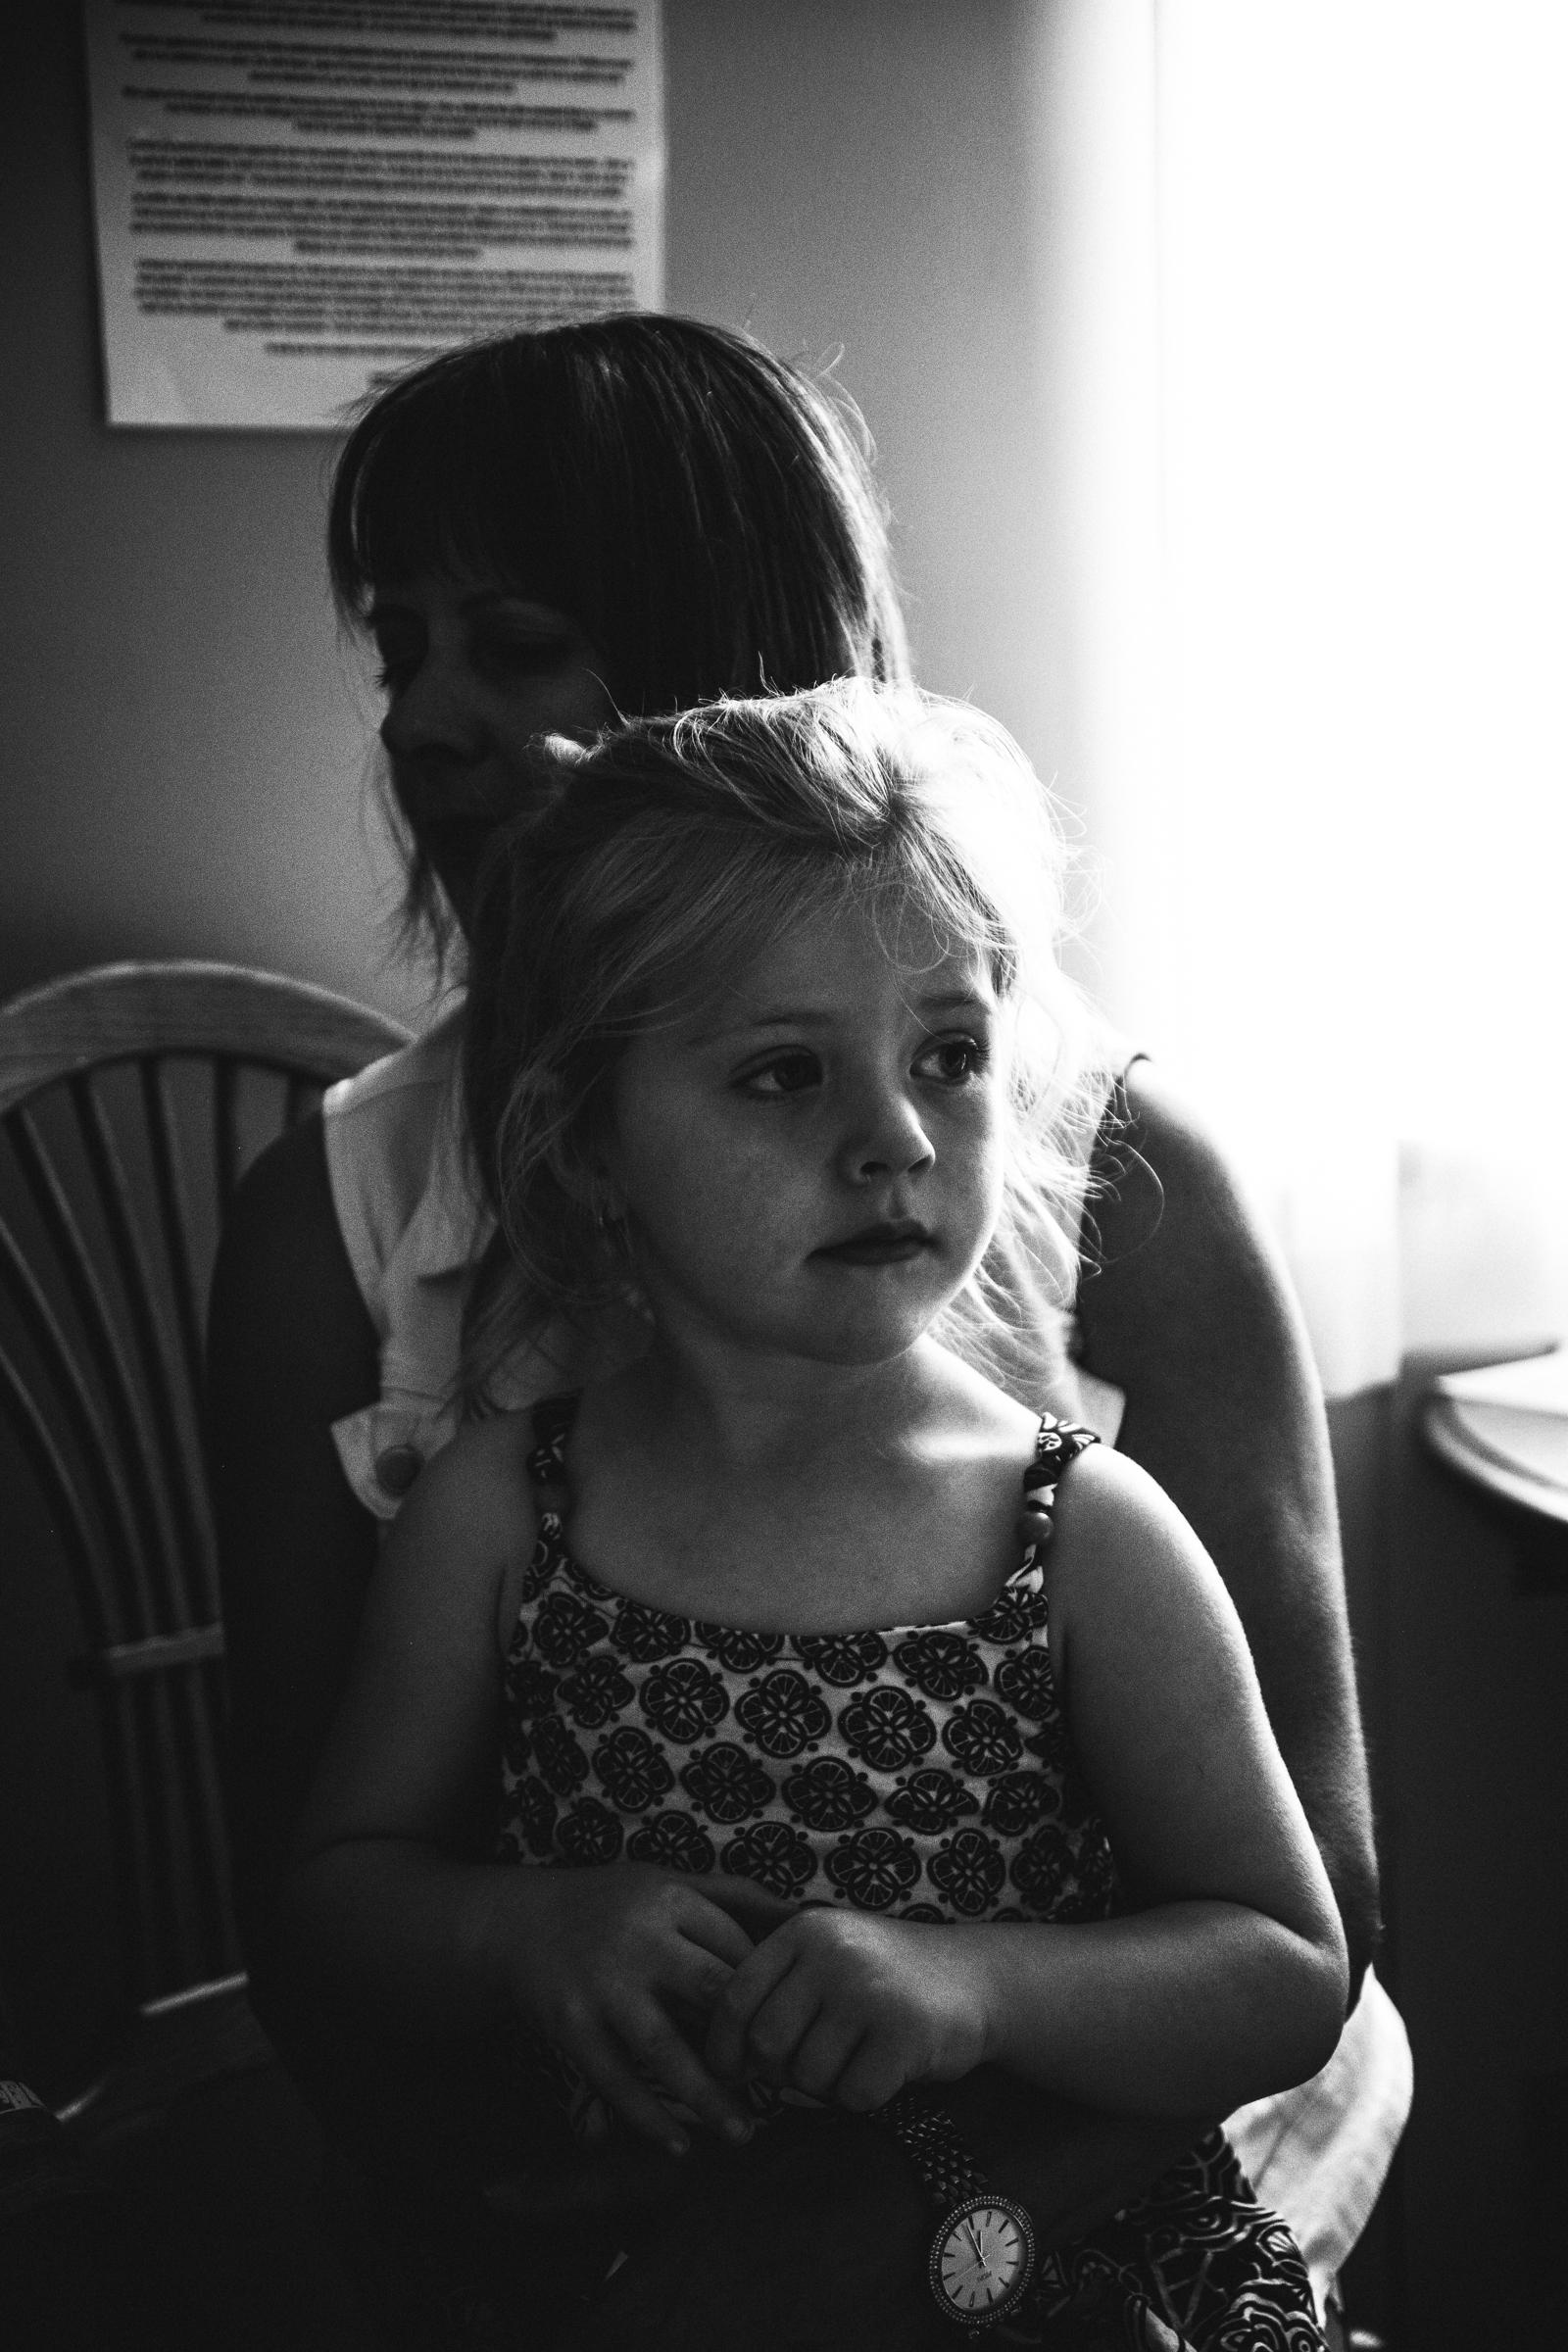 photo-de-nouveau-ne-a-l-hopital-fresh-48_photographie-noir-et-blanc-photographe-de-famille-lifestyle-enfant-montreal-36.jpg